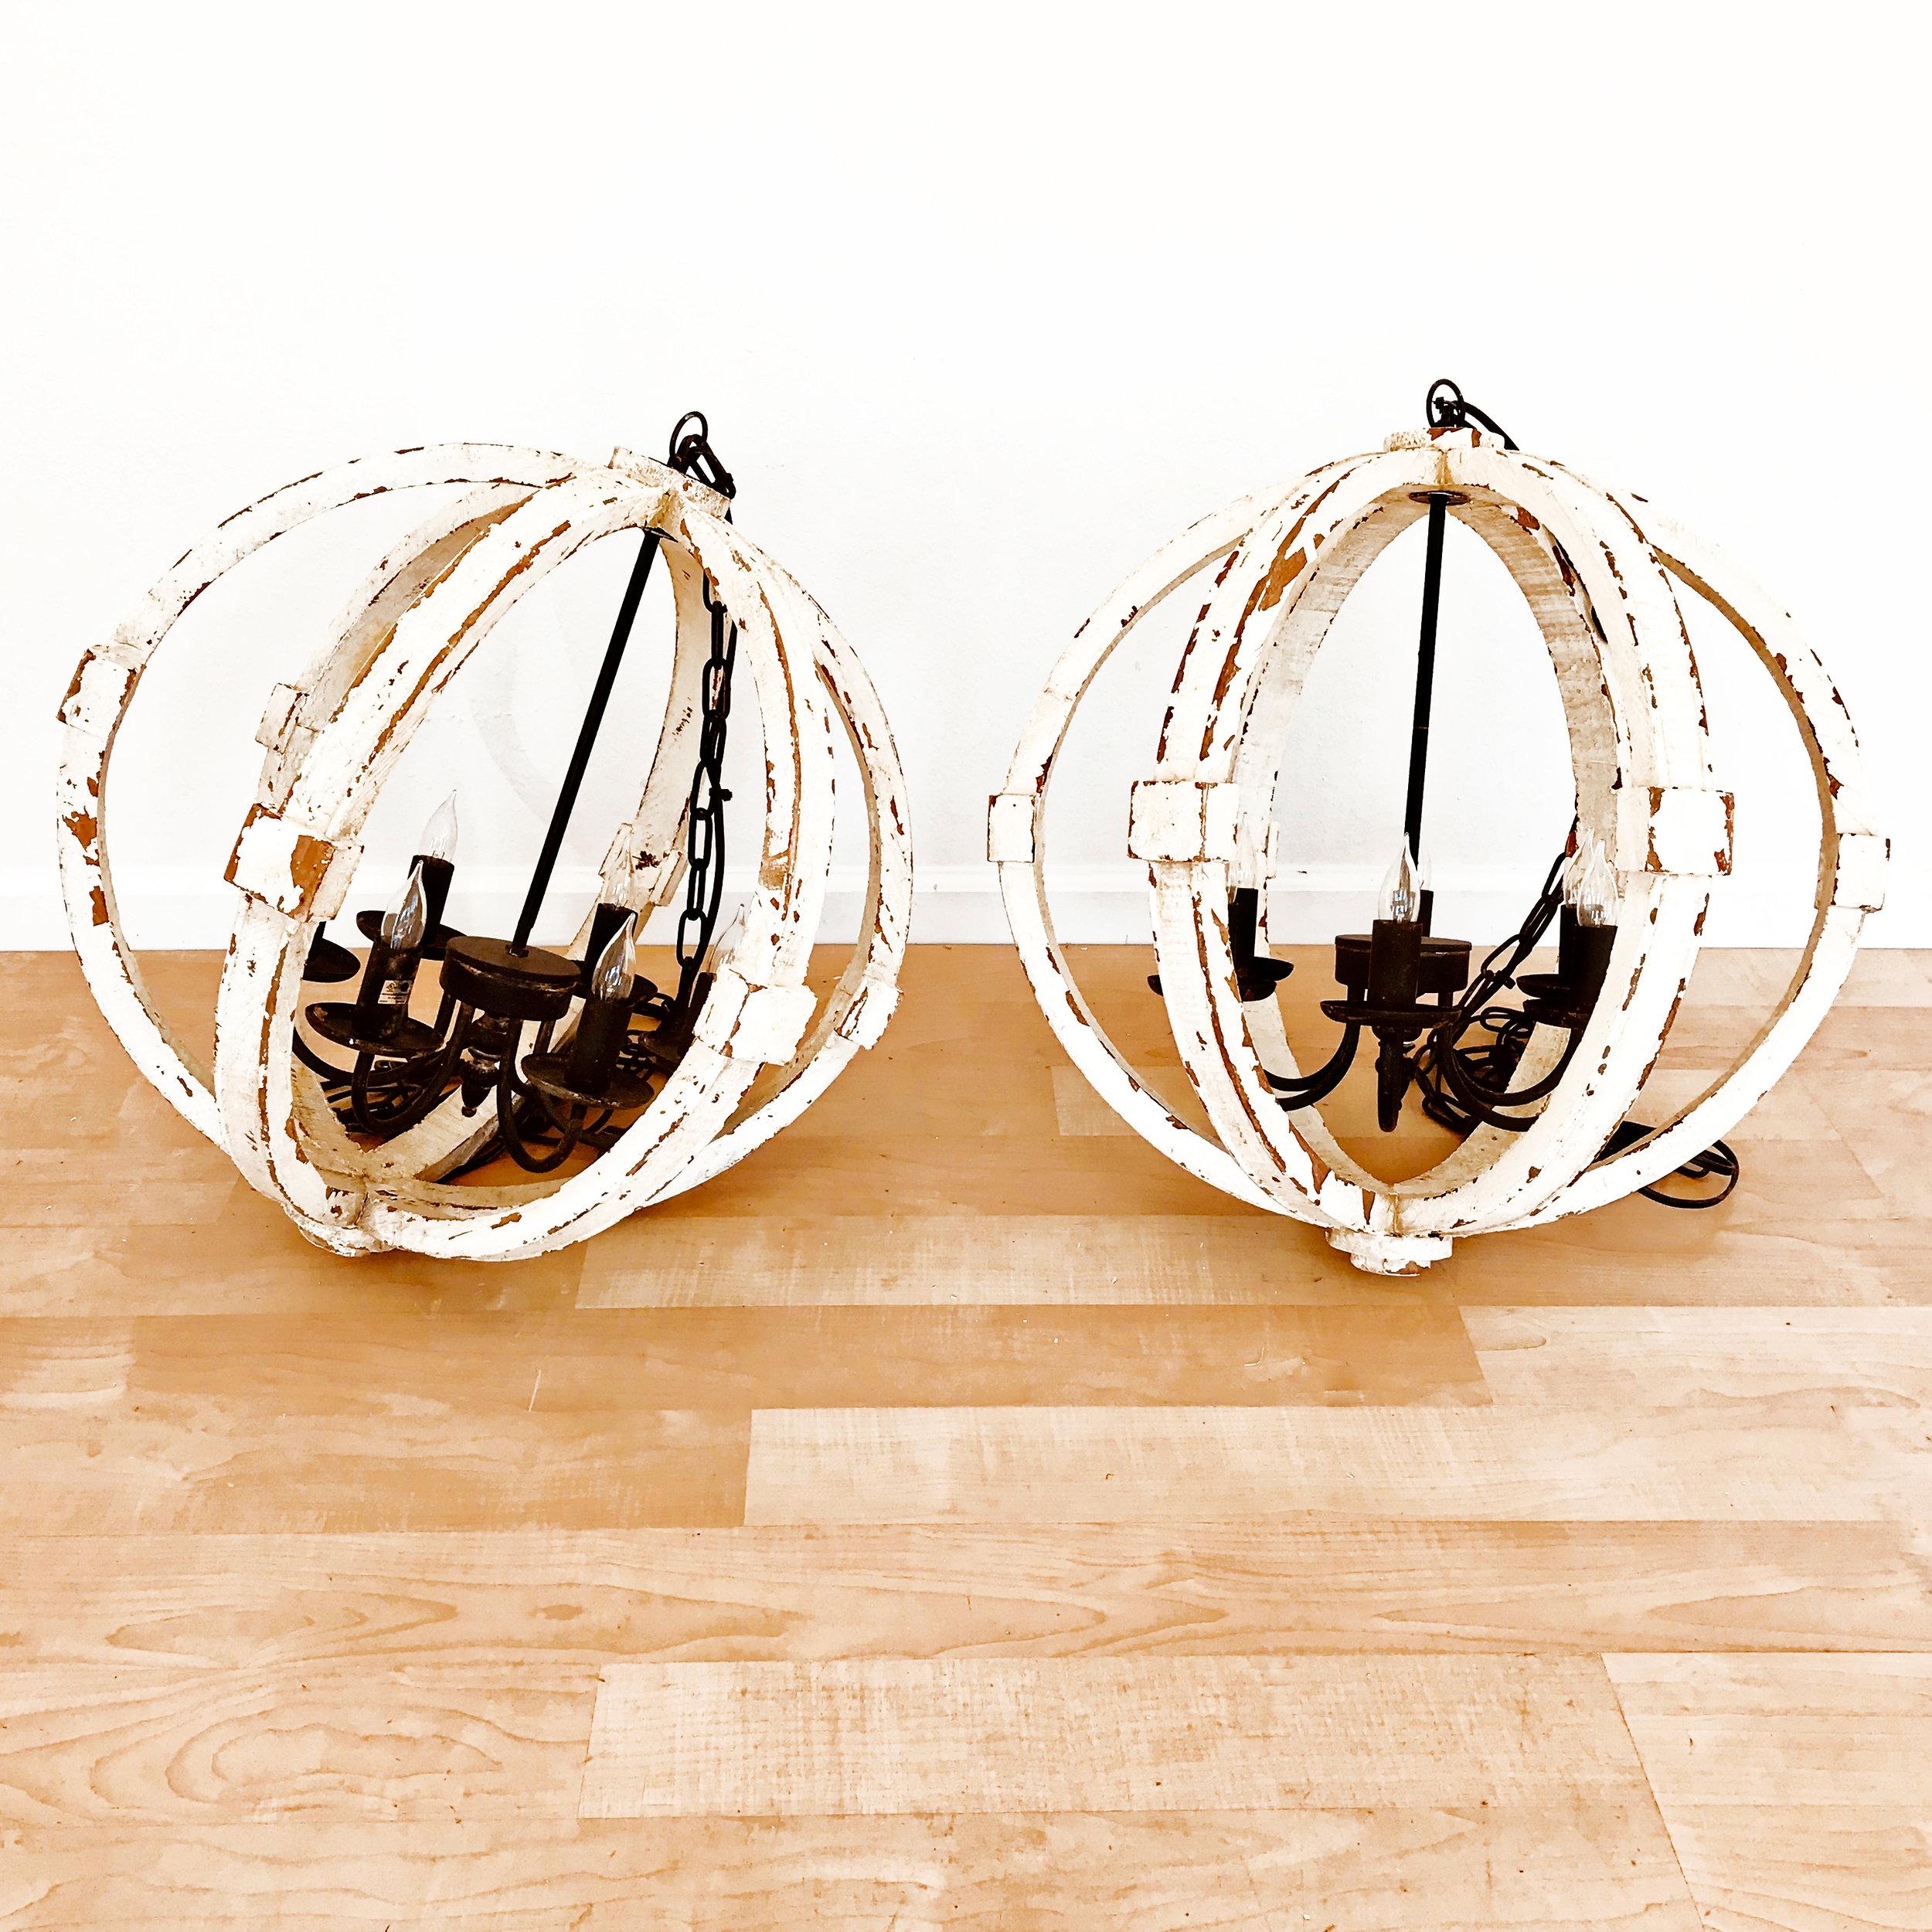 renee landry events weathered white wood round chandelier decor wedding rentals.jpg